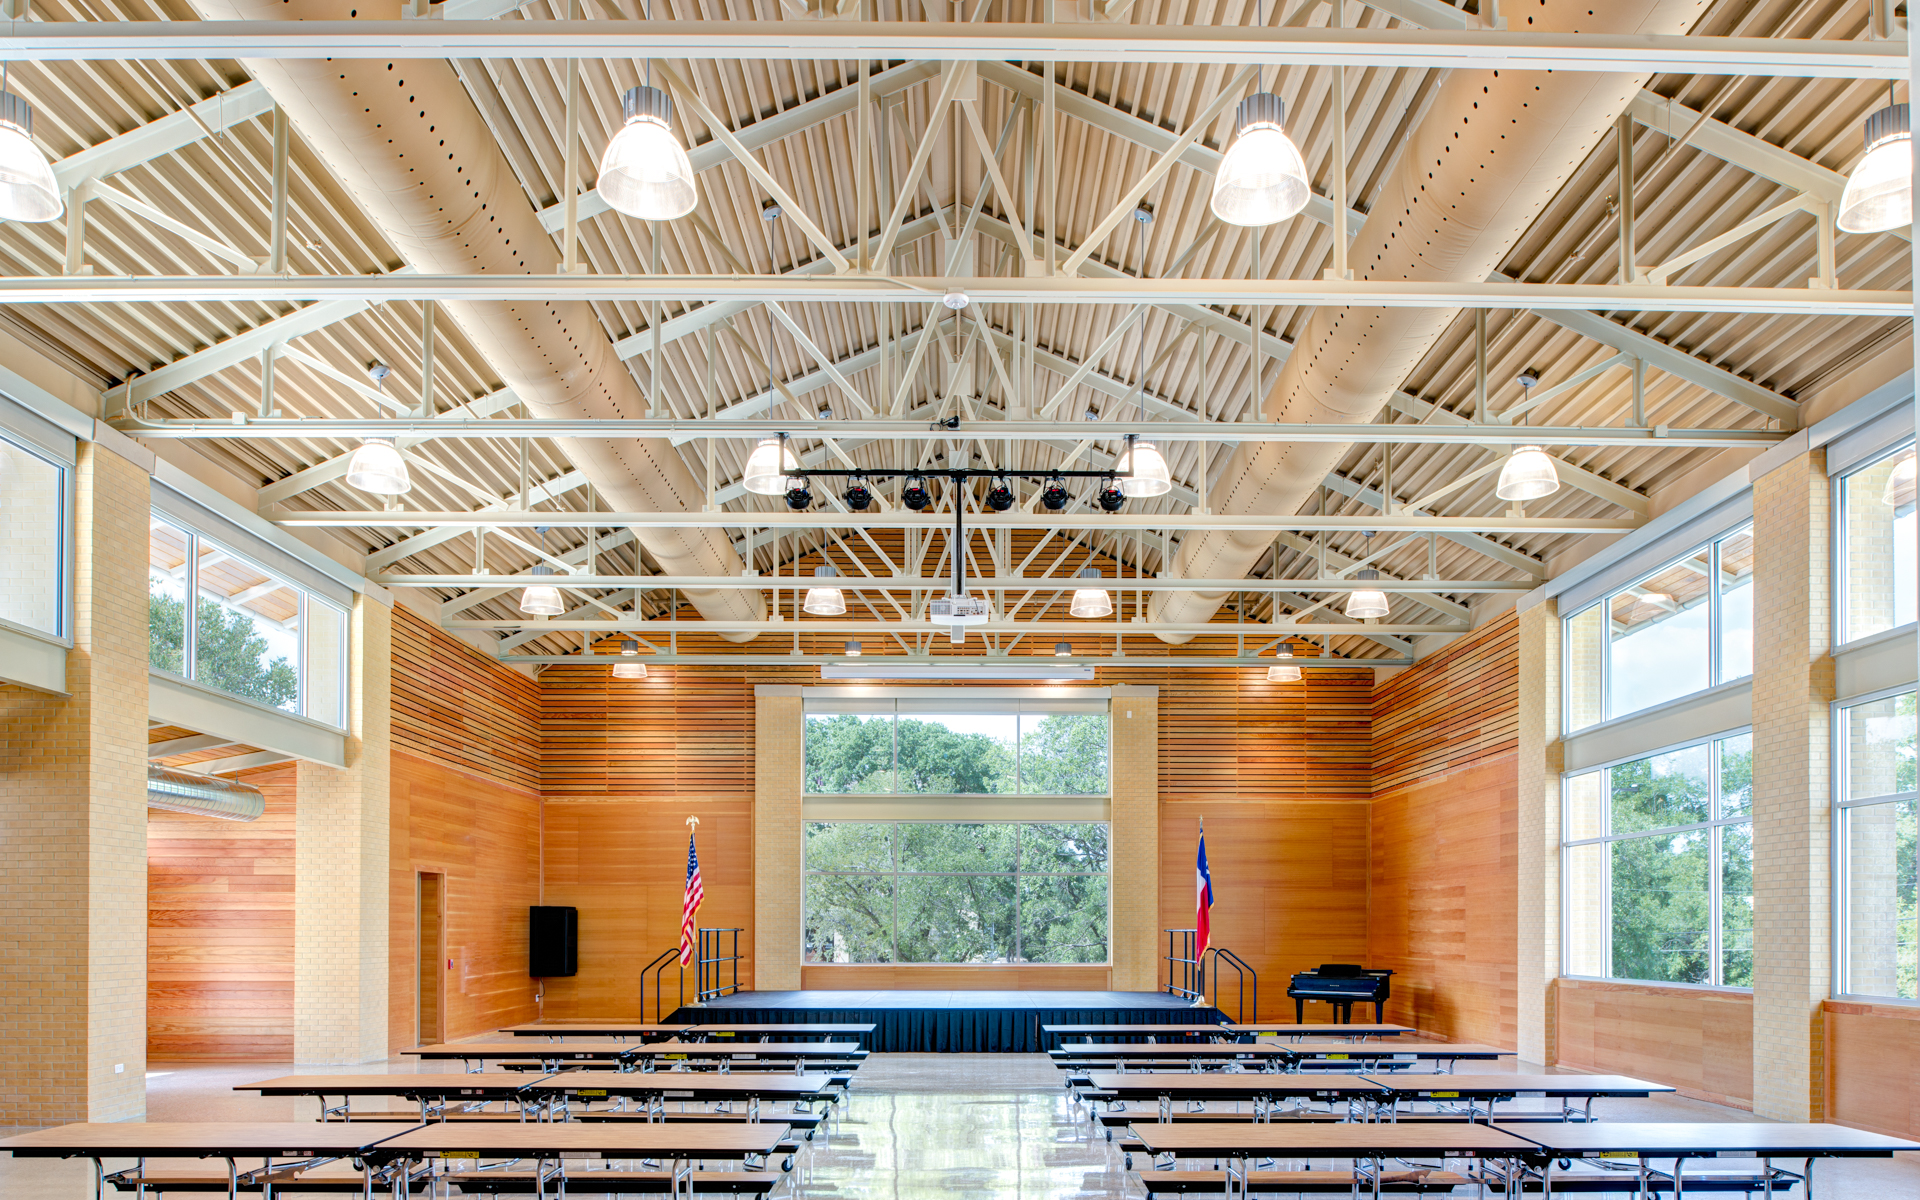 Main Auditorium and Seating